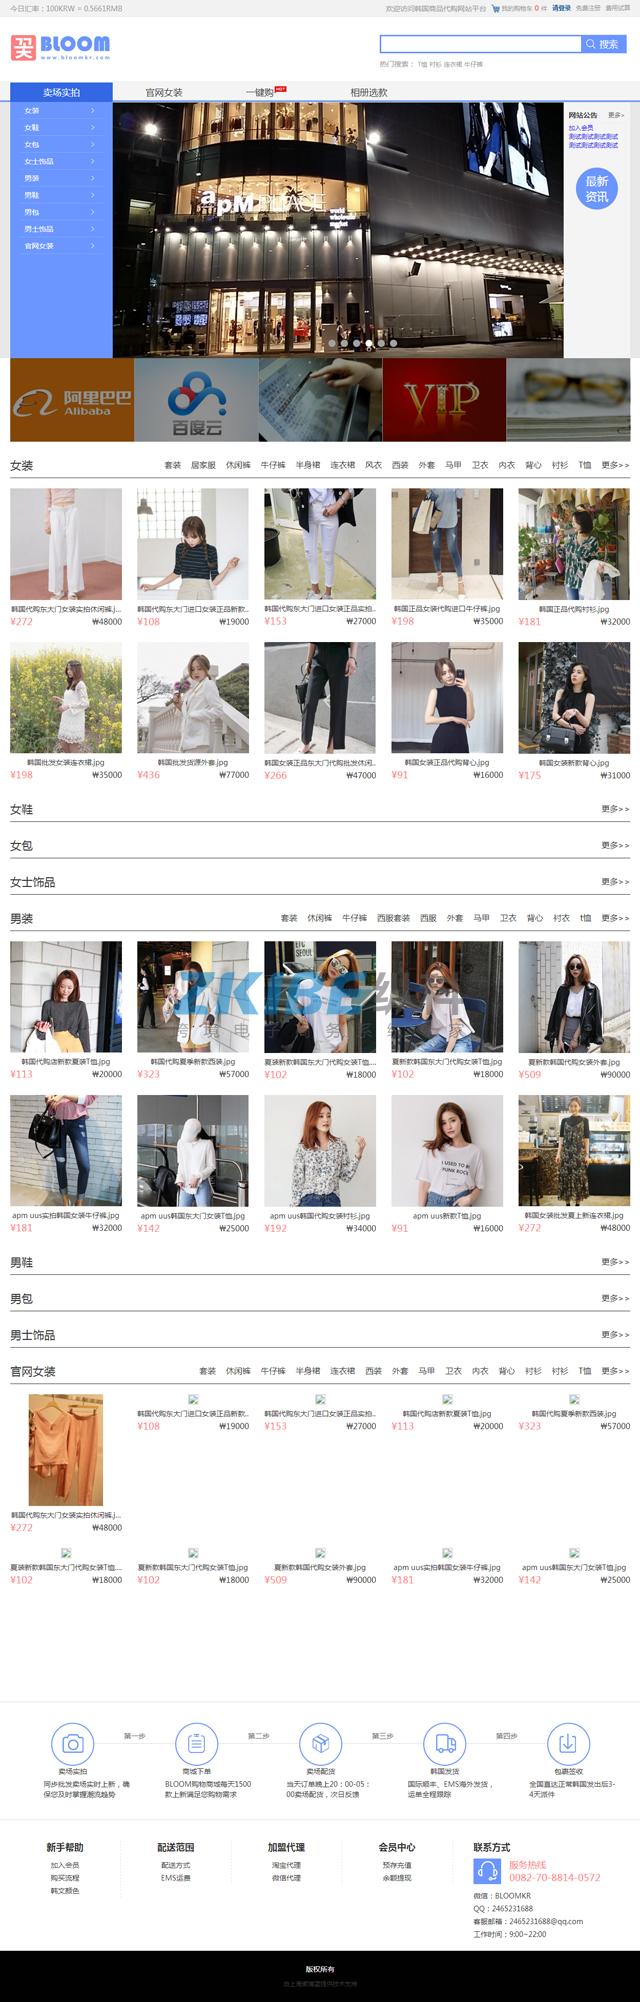 韩国海淘系统-首页